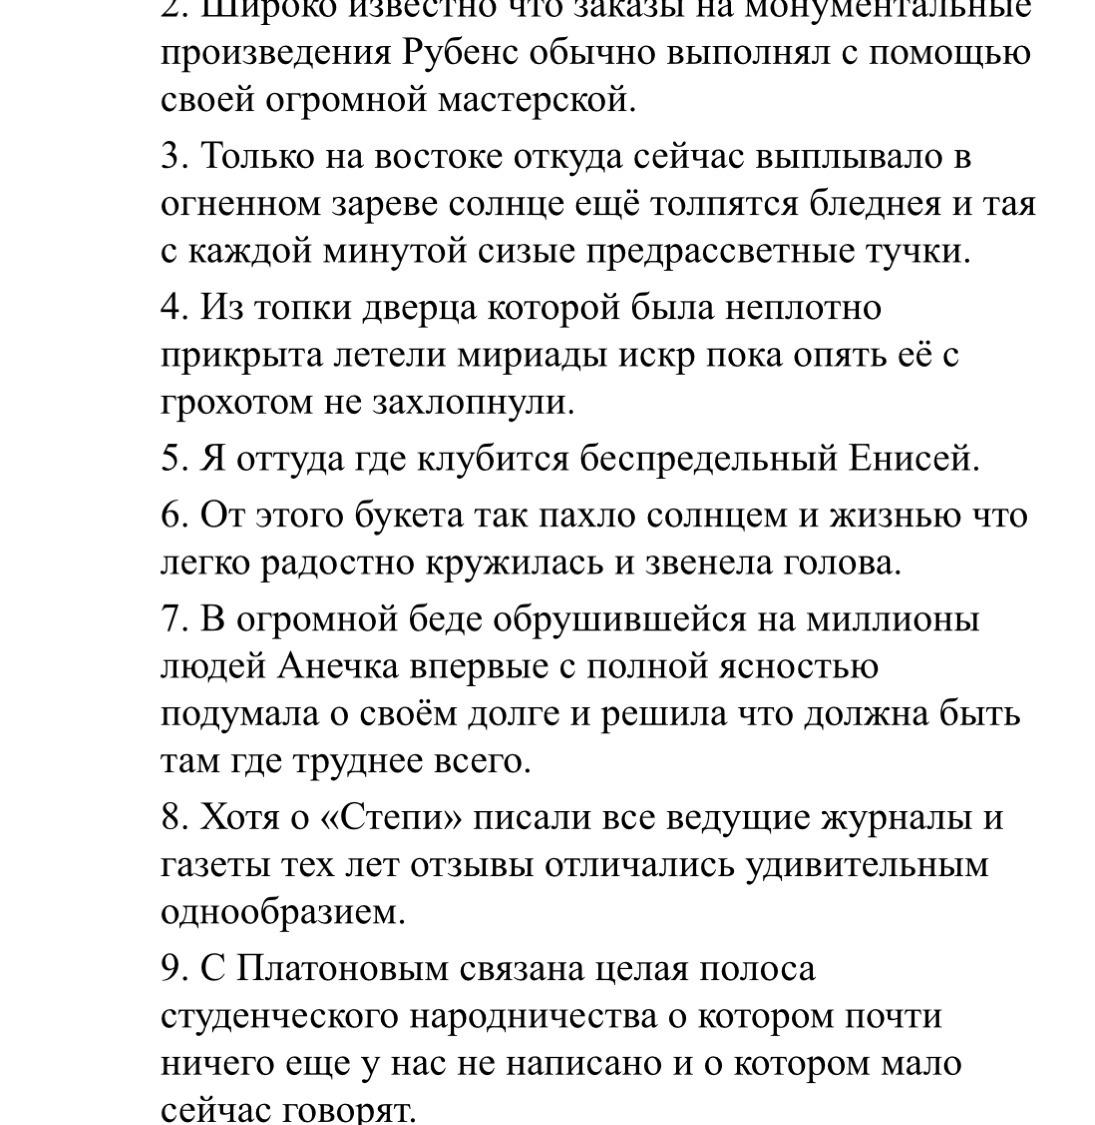 Как составить схему предложения в 1-м классе: правила и примеры | новости для умных - news4smart.ru